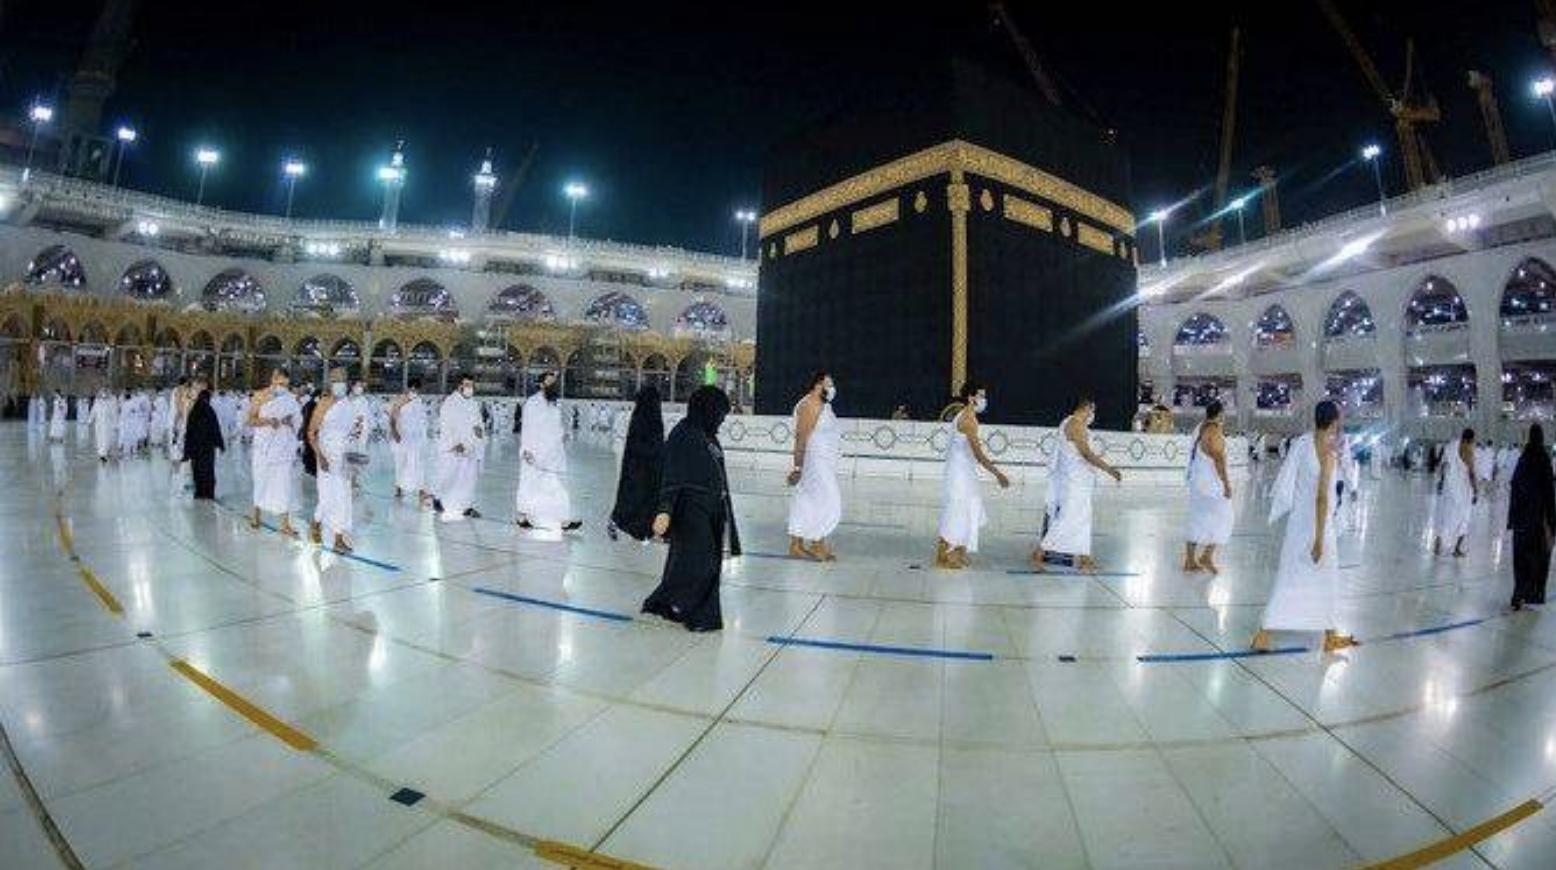 Haj 2021: Saudi Arabia to allow 60,000 vaccinated pilgrims